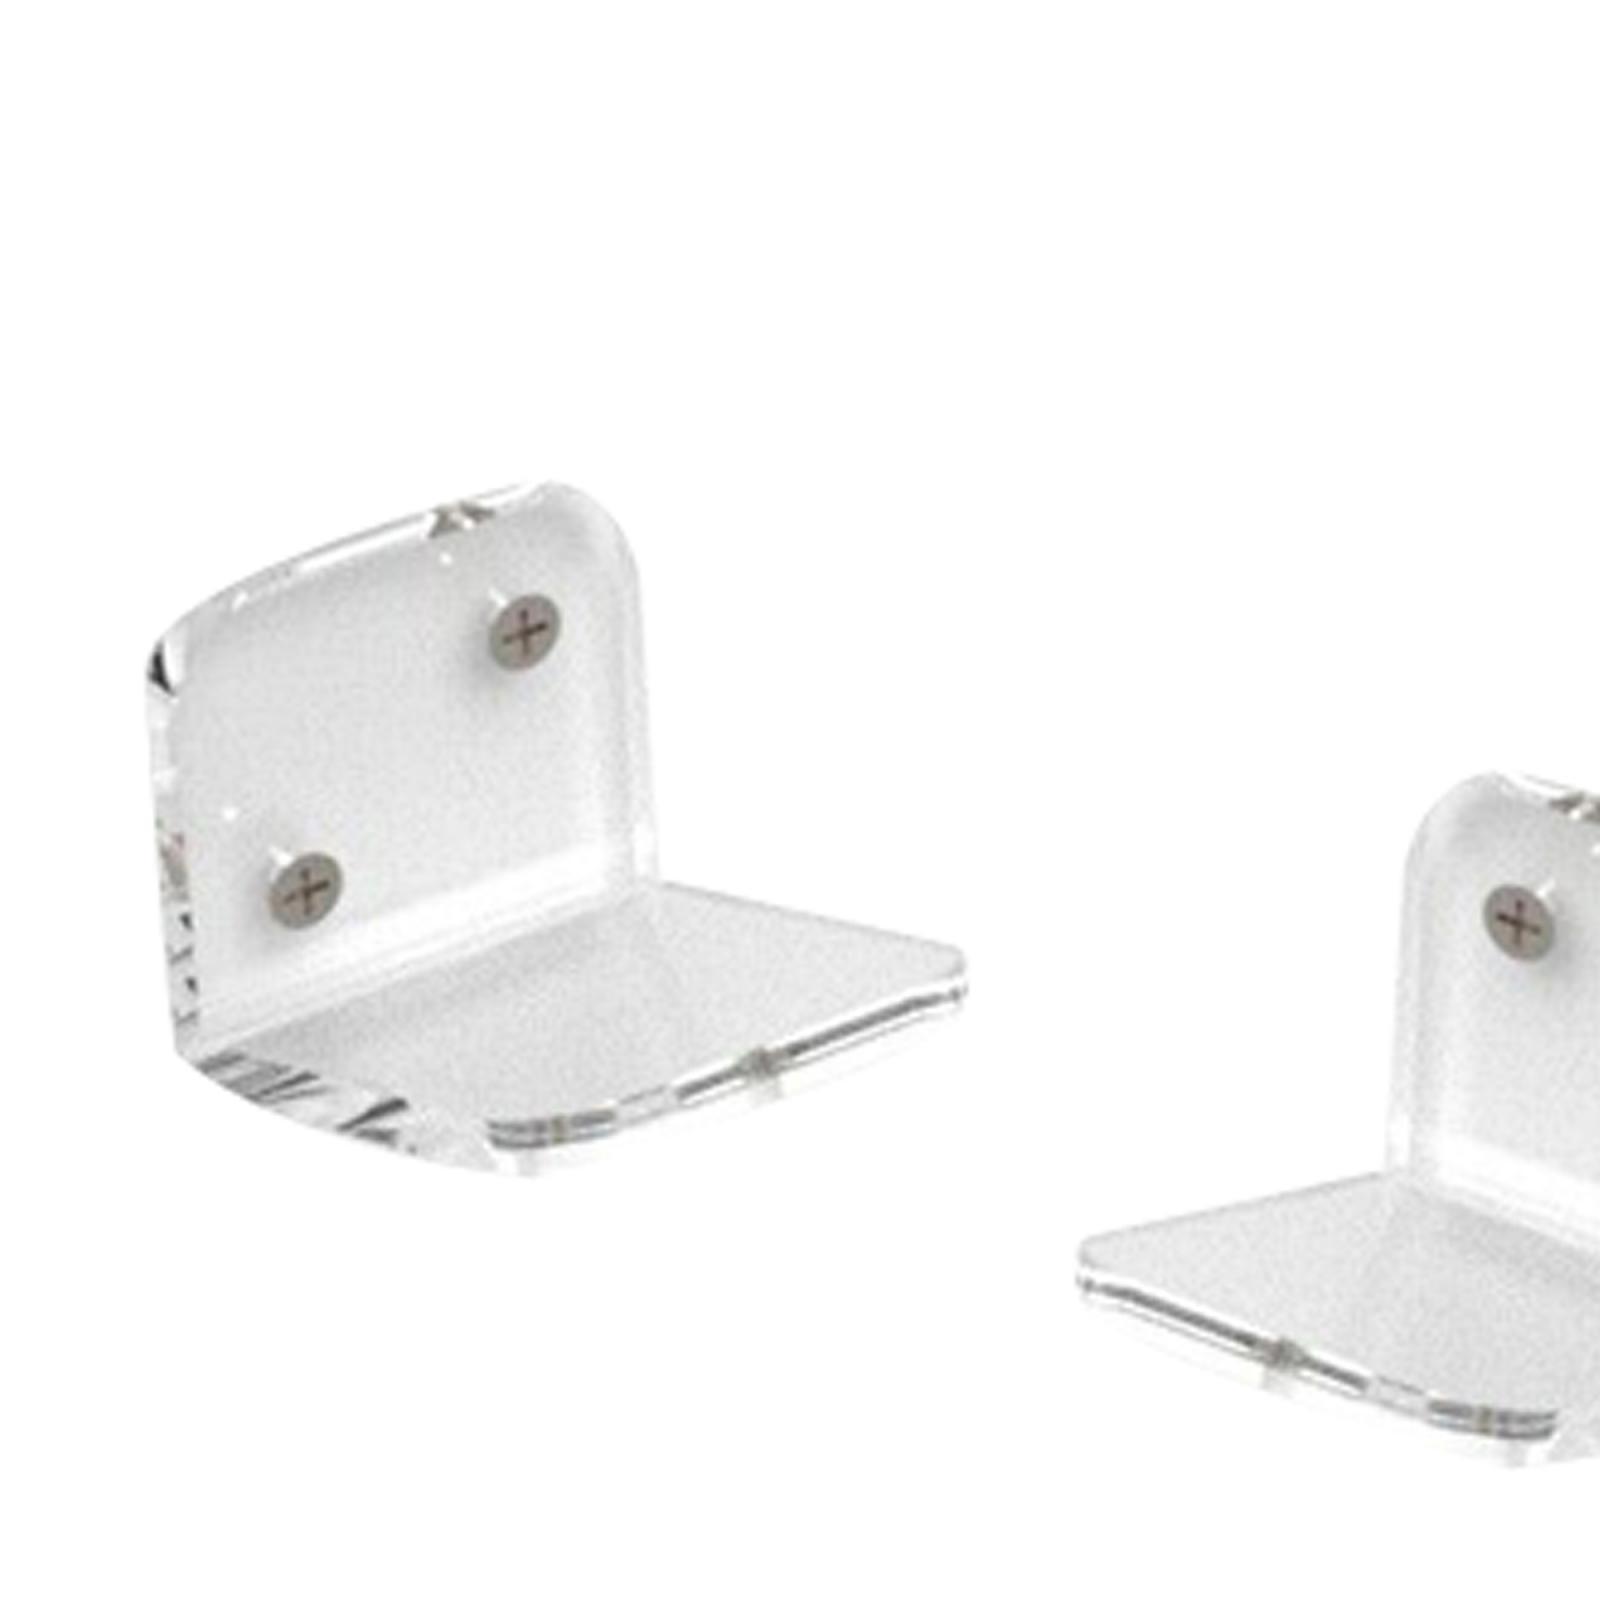 Espositore-appendiabiti-per-montaggio-a-parete-per-Skateboard-in-acrilico miniatura 14